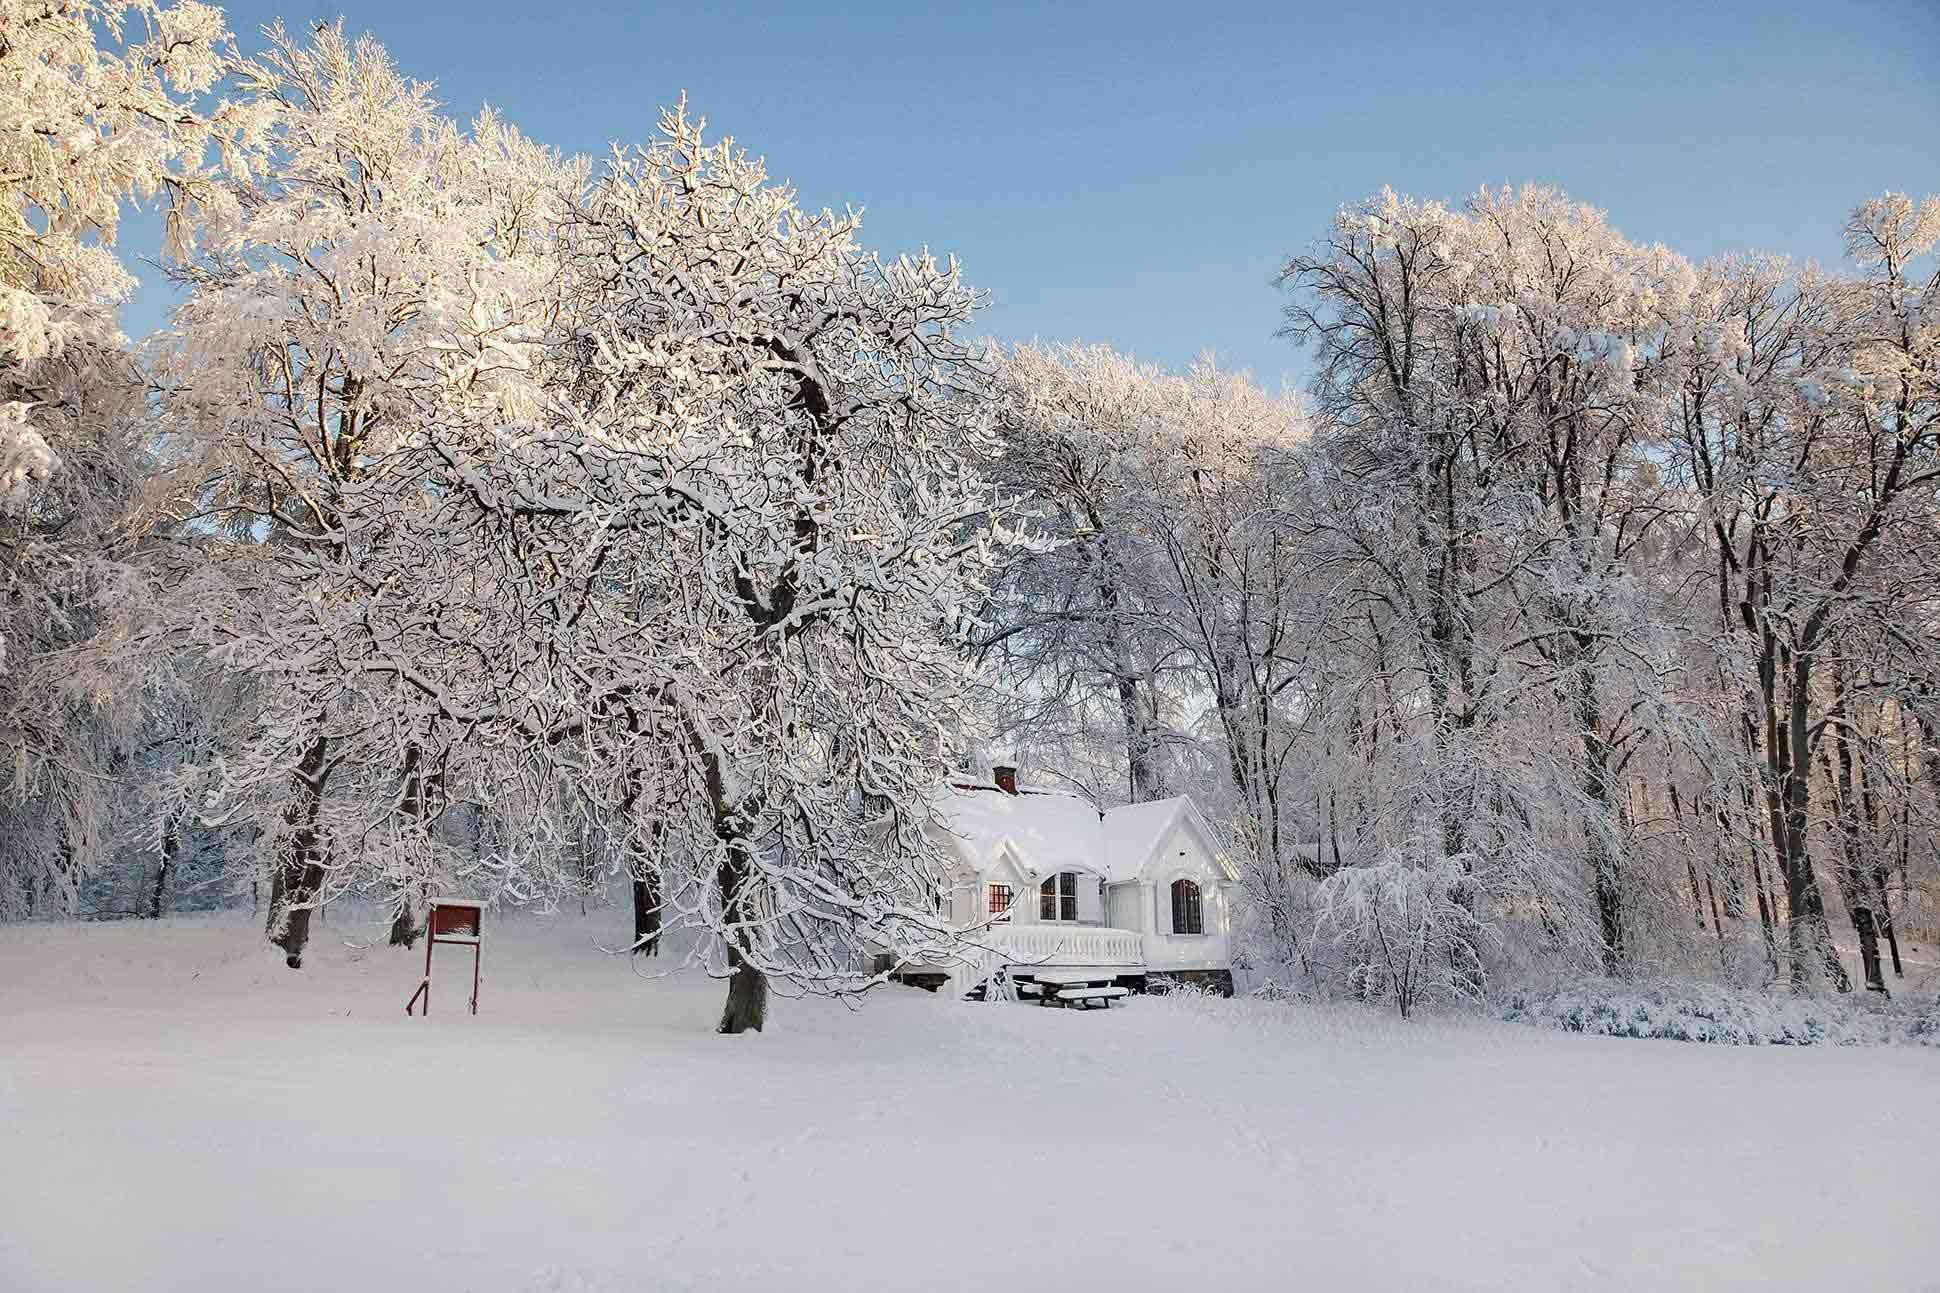 Gothenburg, Sweden in winter